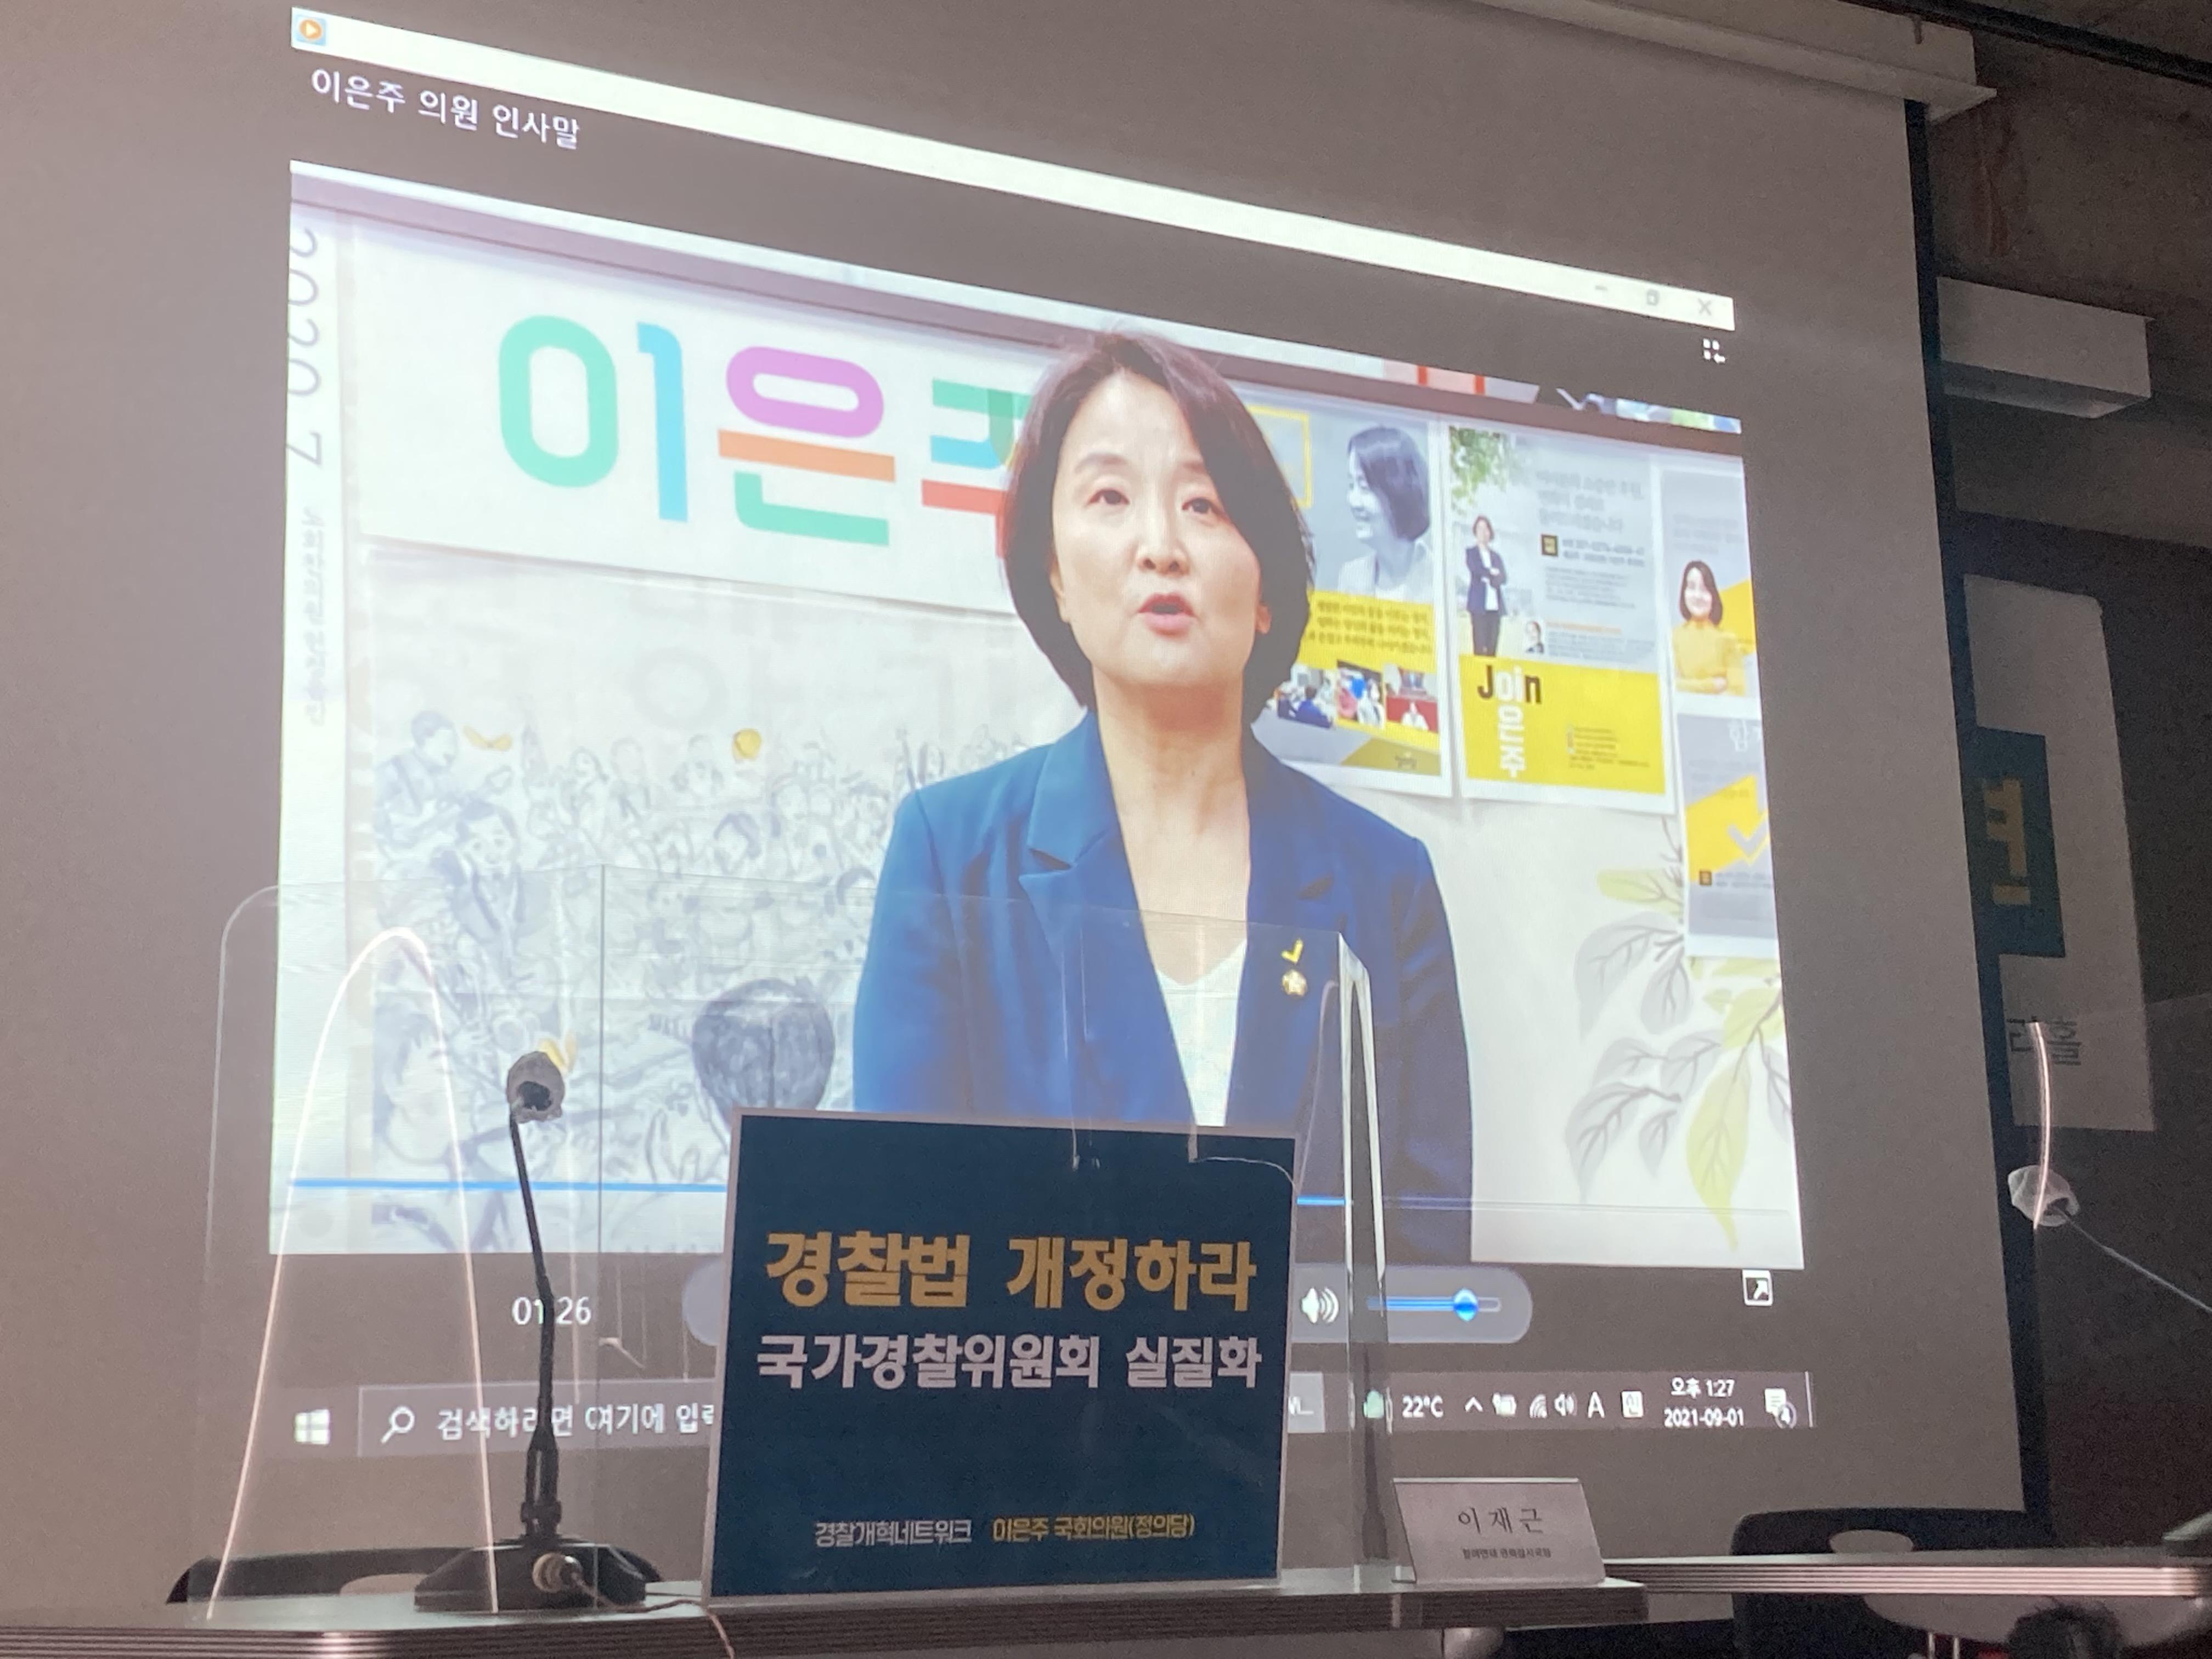 20210901_기자회견_경찰법 개정안 청원 기자회견